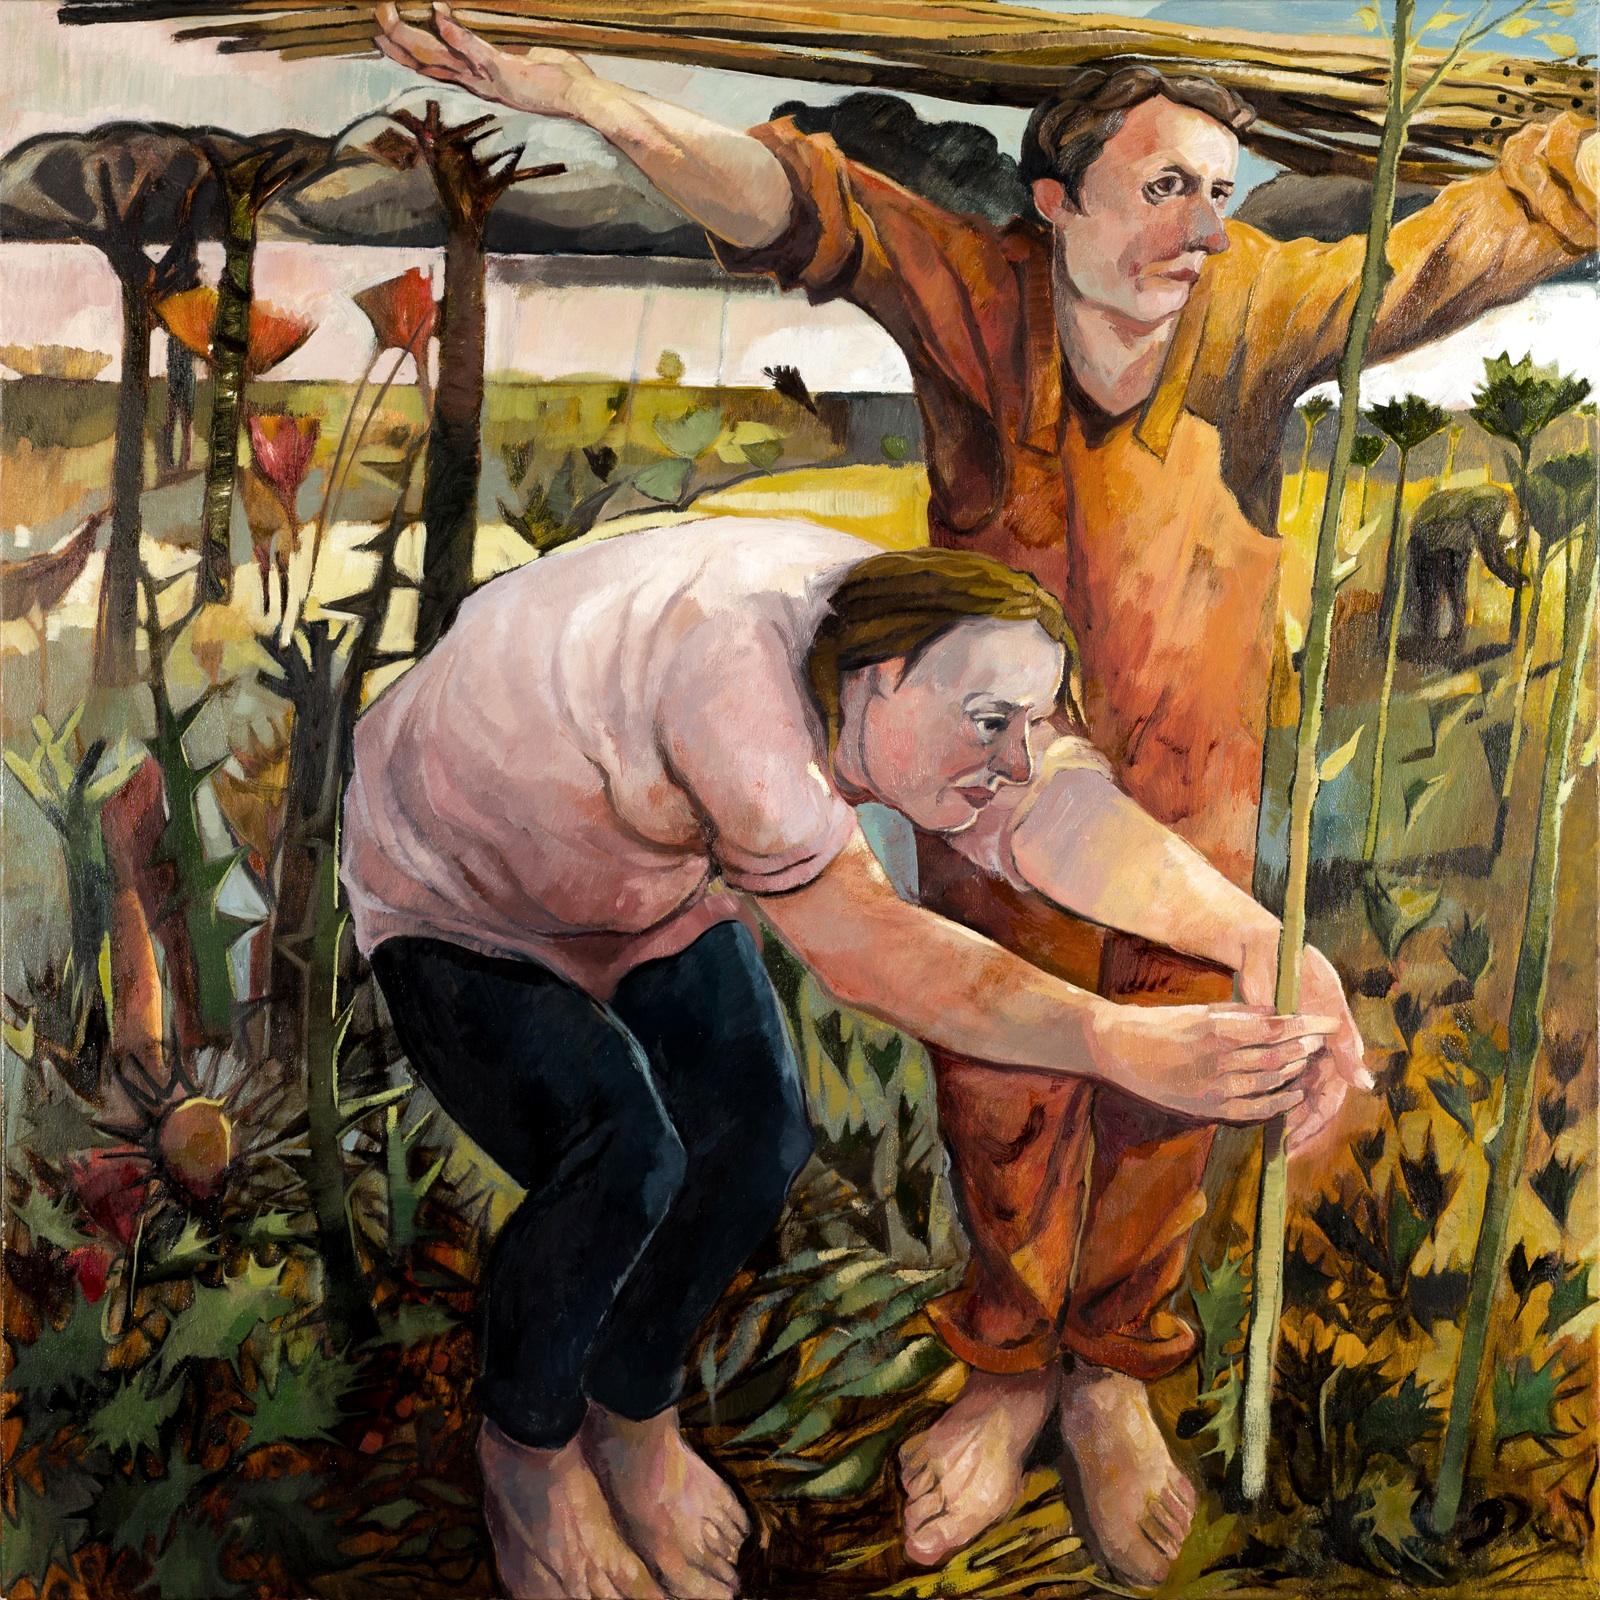 Steve Des Landes - In the Garden